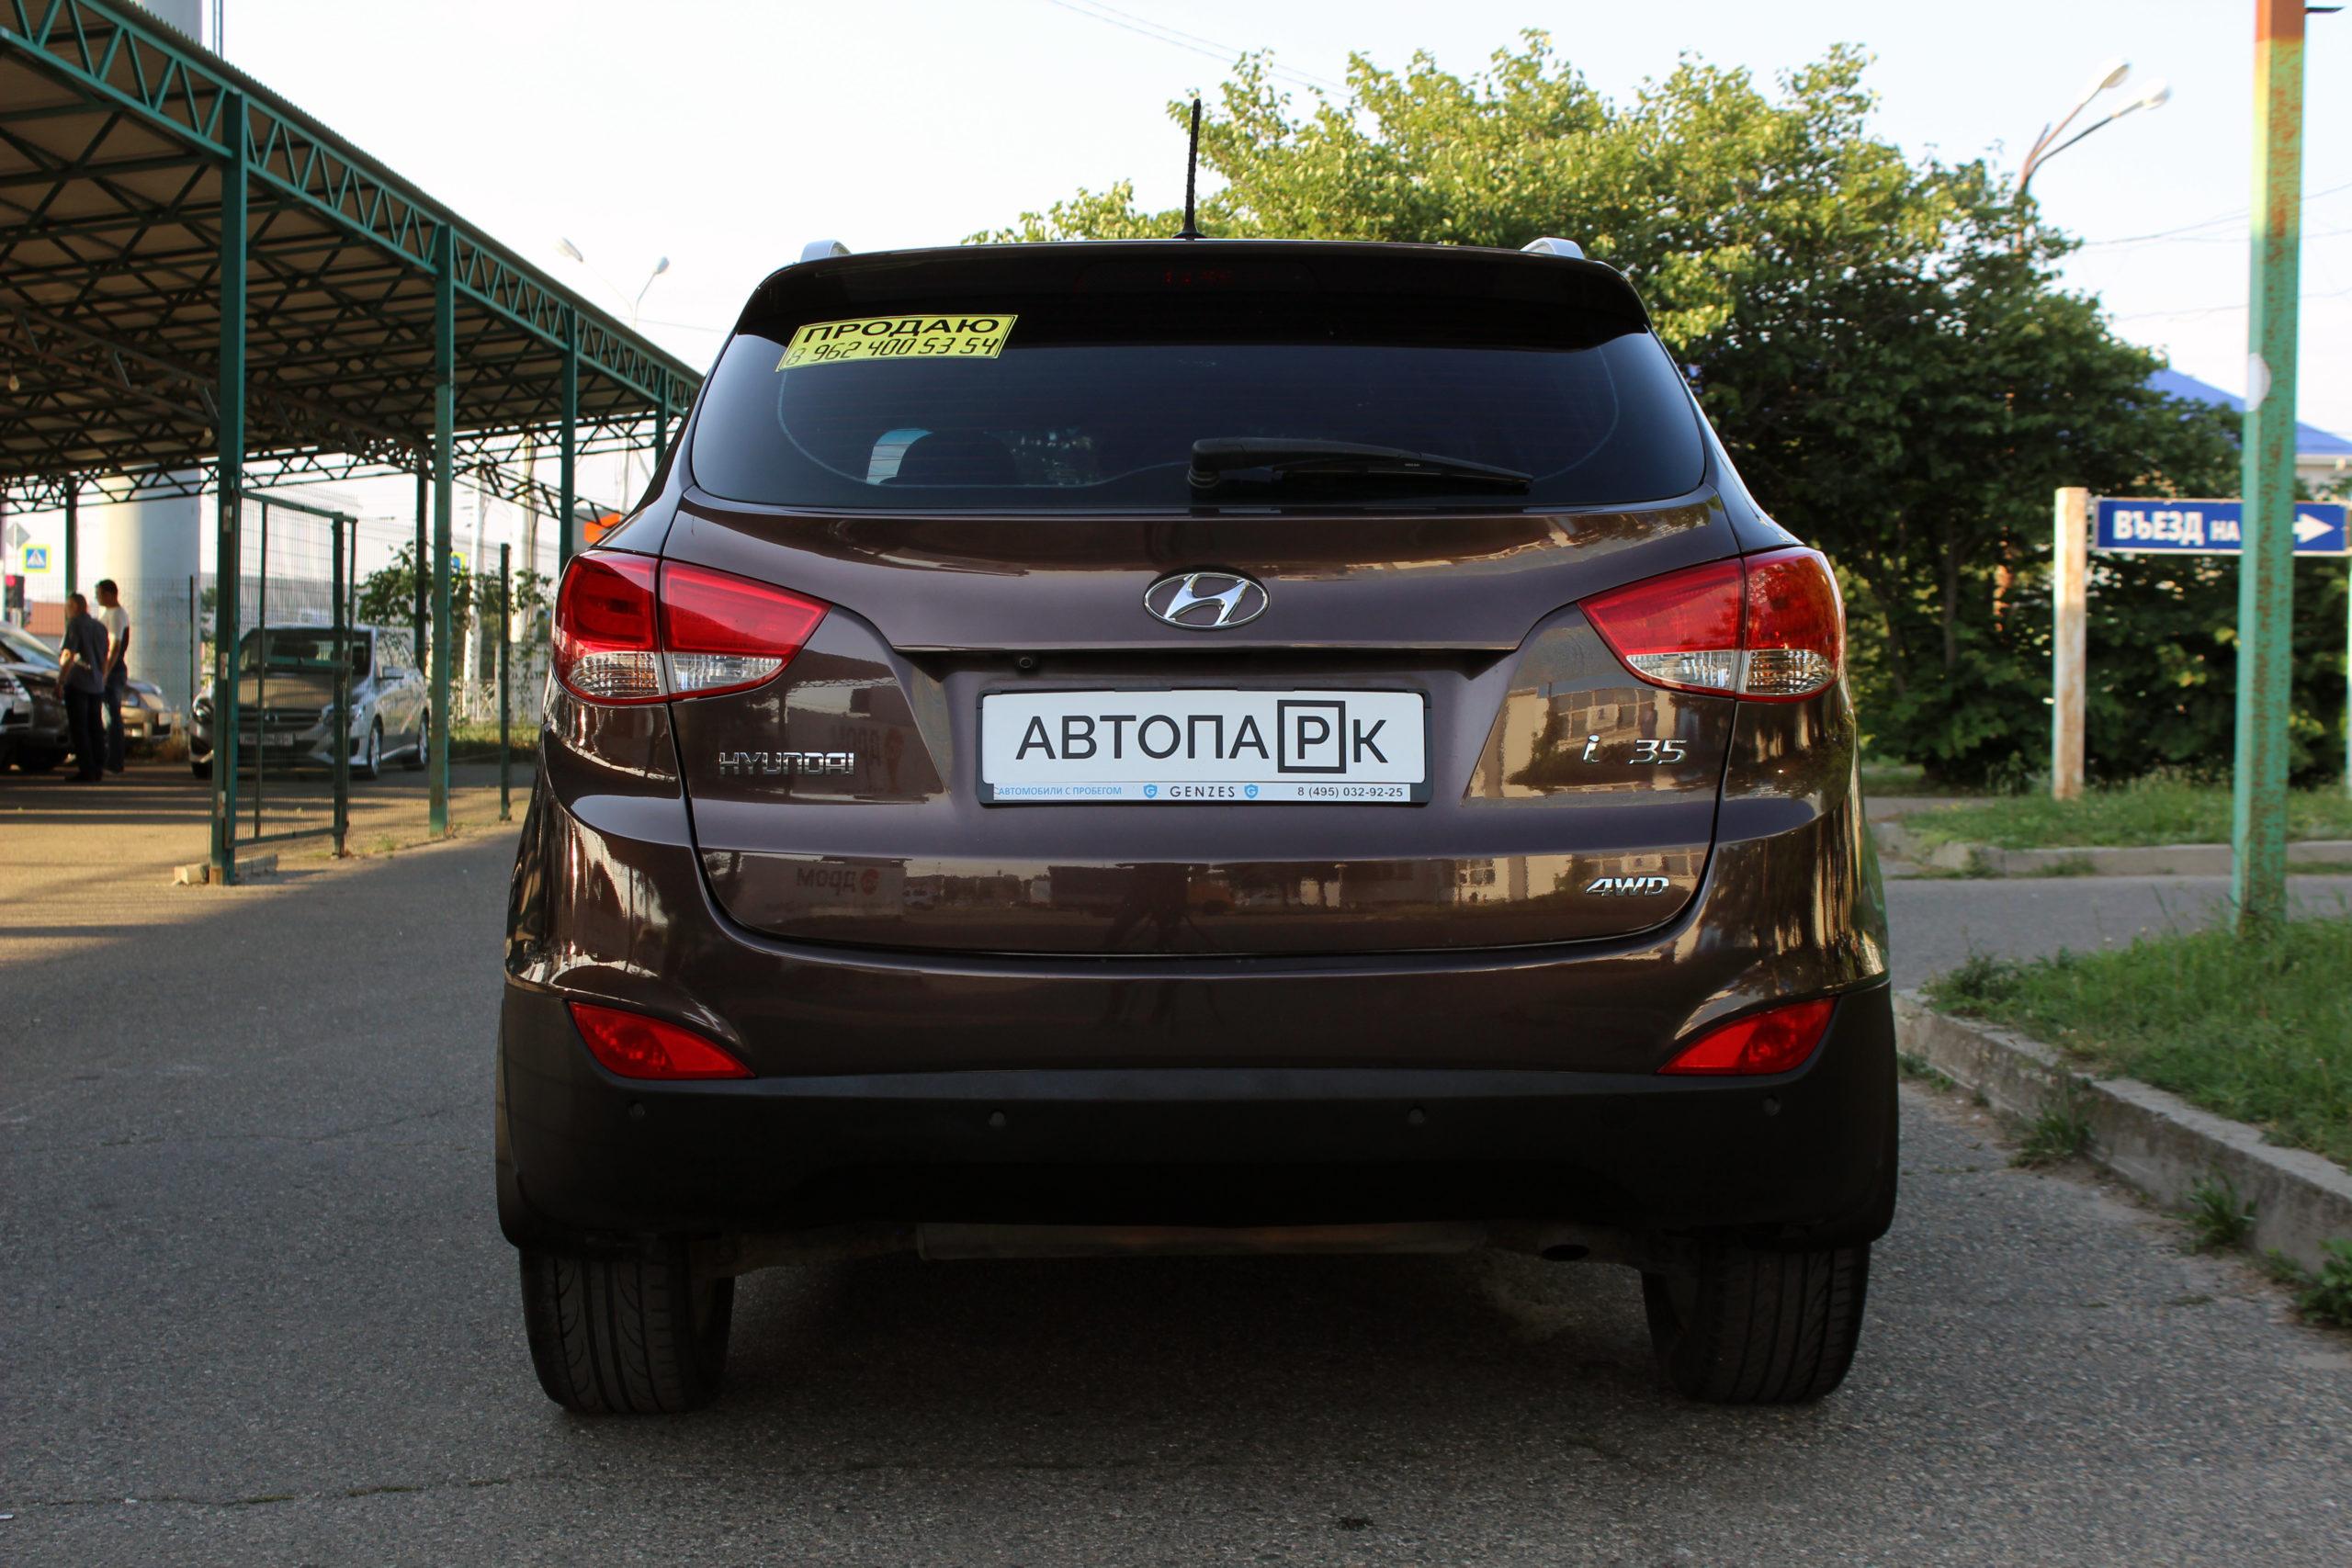 Купить Hyundai ix35 (Коричневый ) - Автопарк Ставрополь